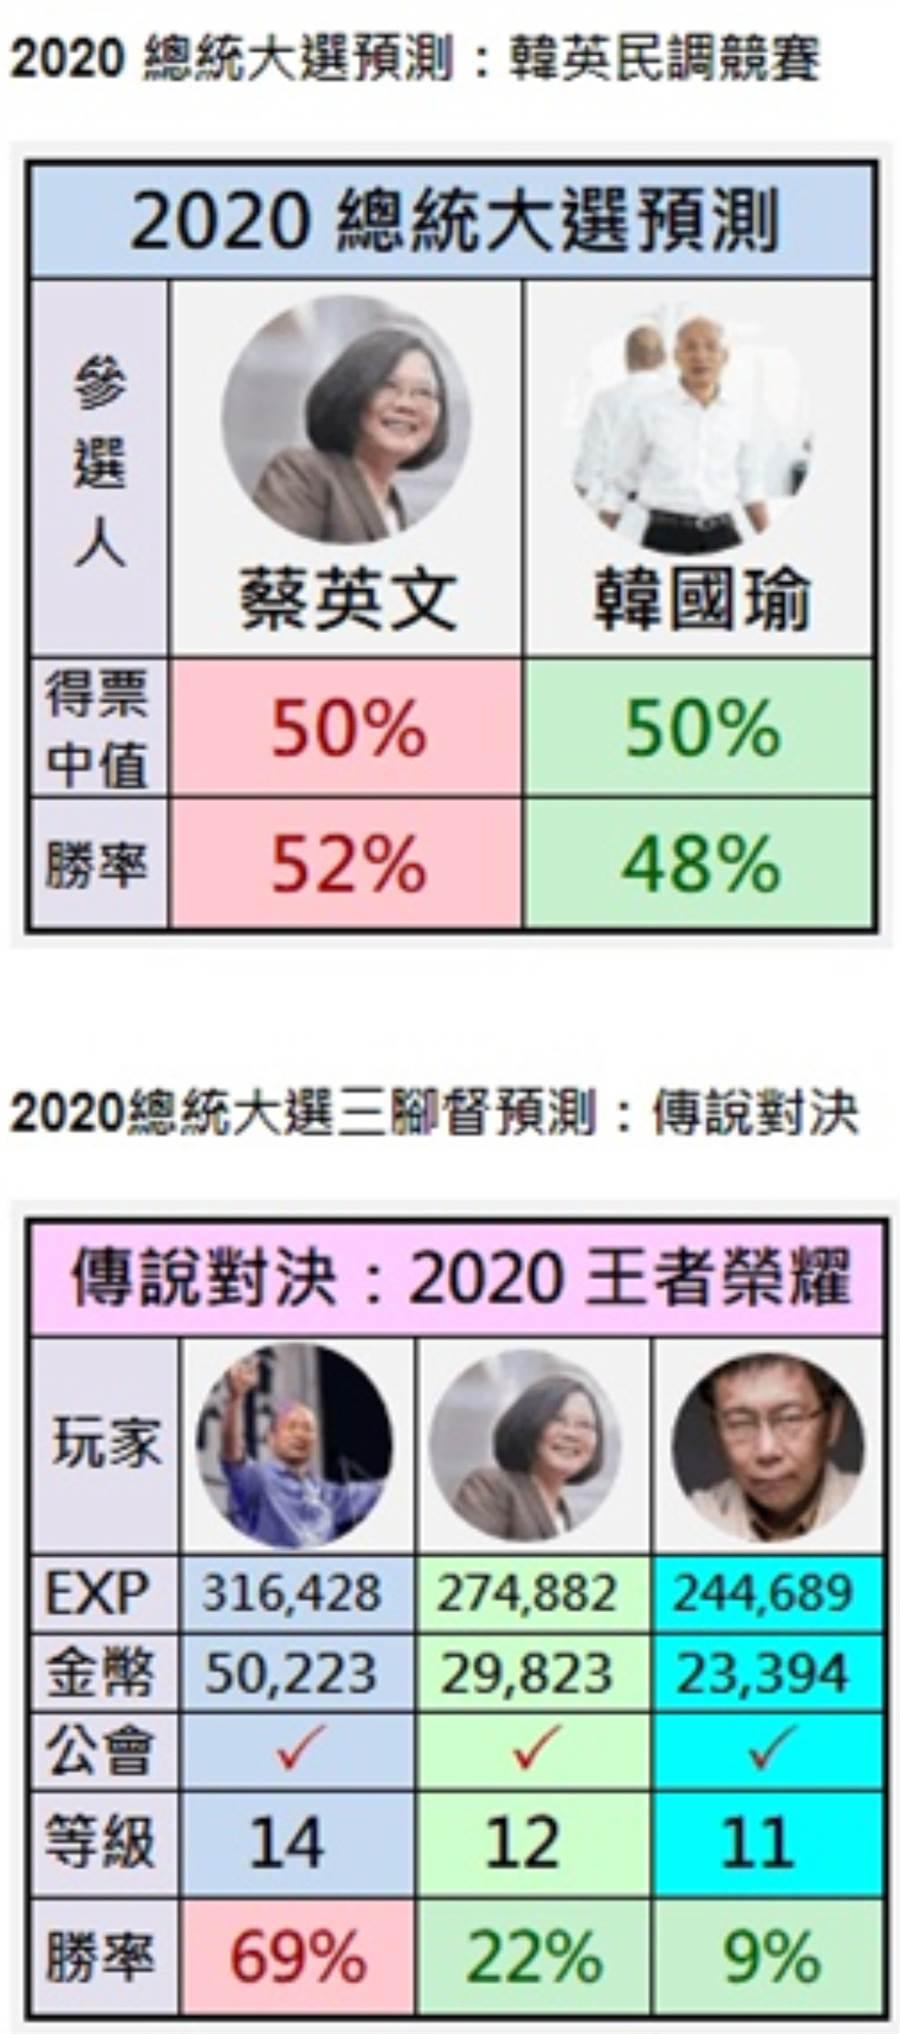 無情真實的未來預測,柯不參戰韓恐輸(上圖)、柯若參戰韓勝選機率大增。(下圖)。(截圖自網站)